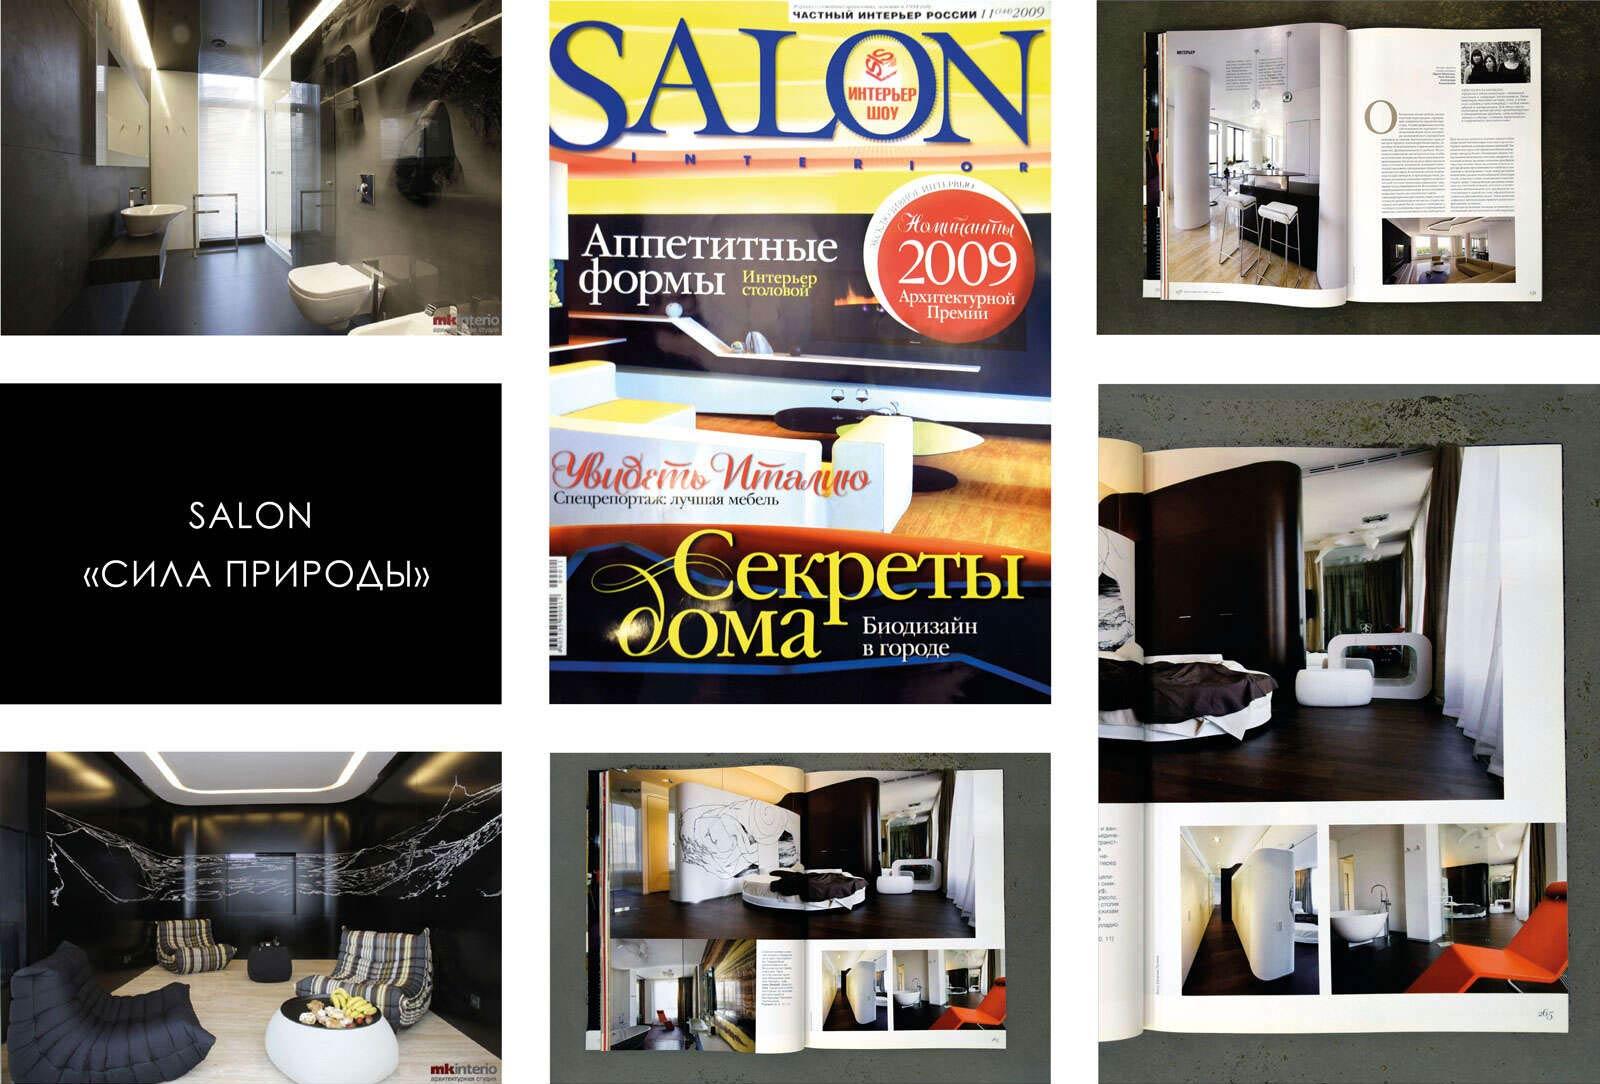 Интерьер подчеркивает красоту природы. Salon №11(144) 2009